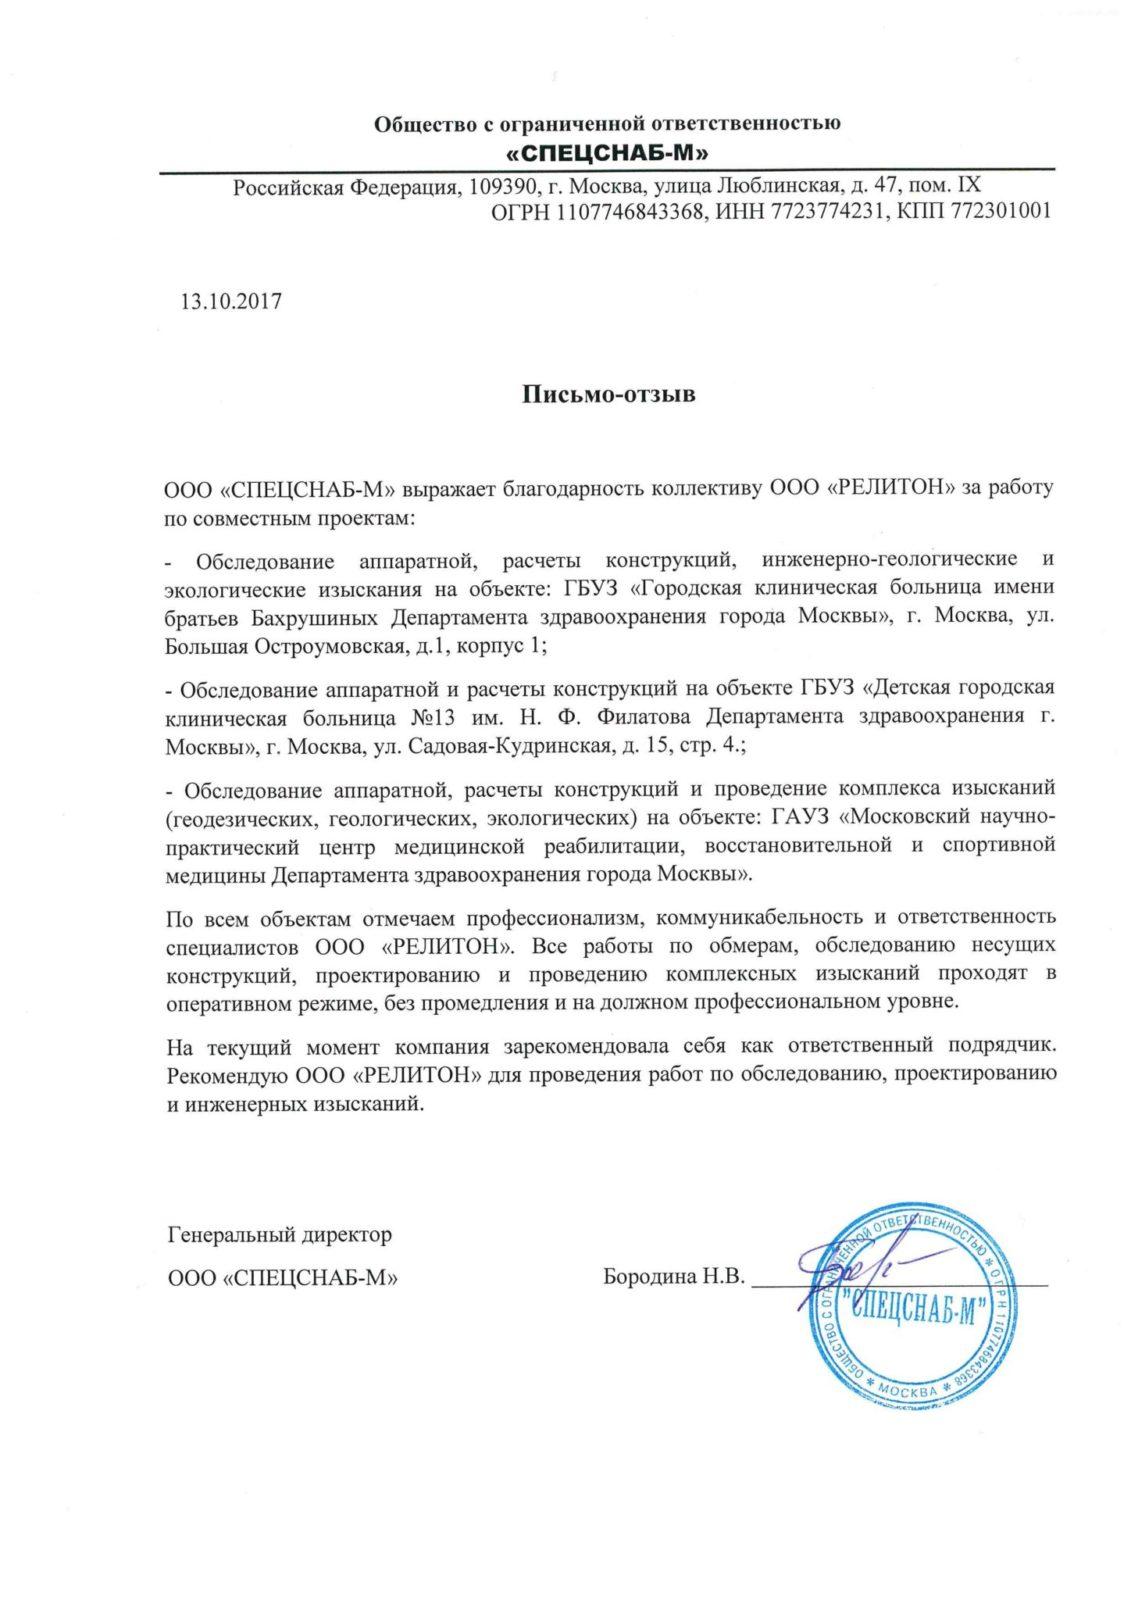 Otzyv-o-sotrudnichestve-s-kompaniej-reliton-ot-kompanii-SPETSSNAB-M.jpg